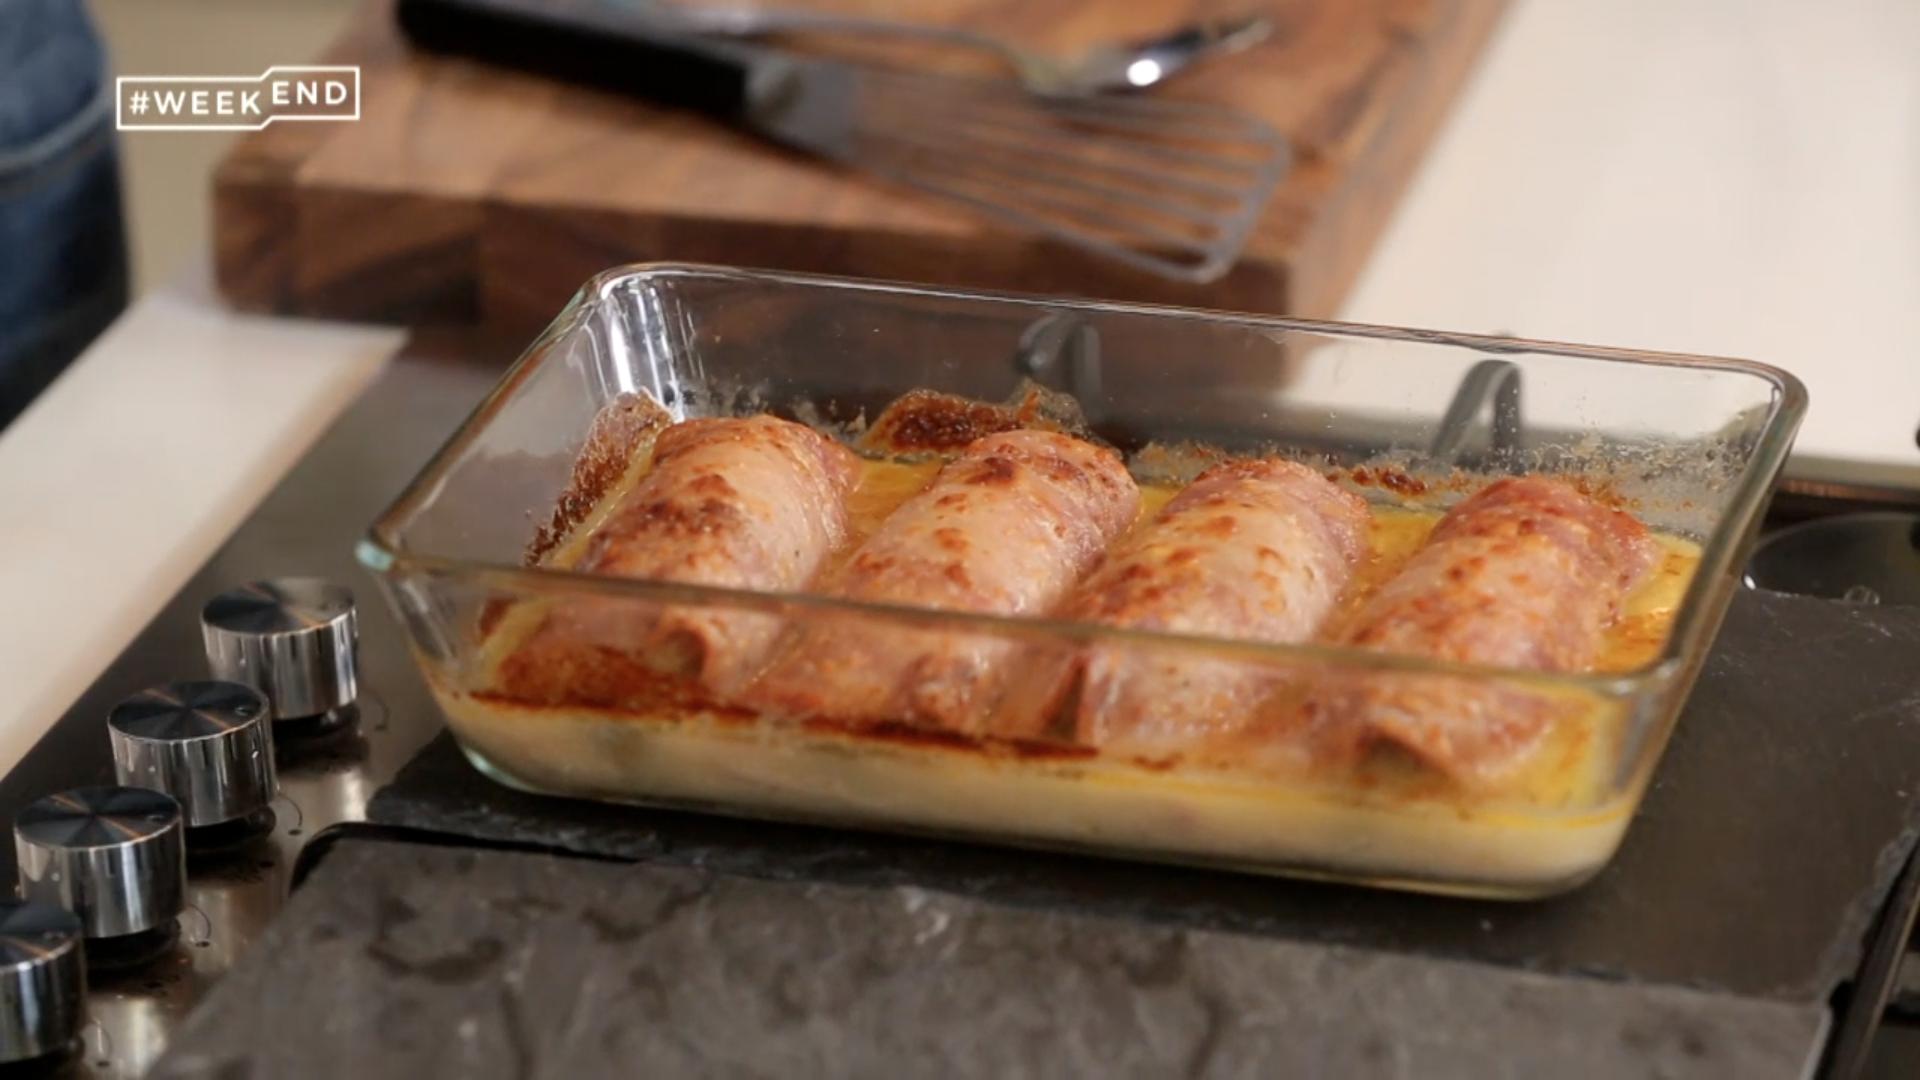 Ma recette des endives au jambon laurent mariotte - Cuisine laurent mariotte ...